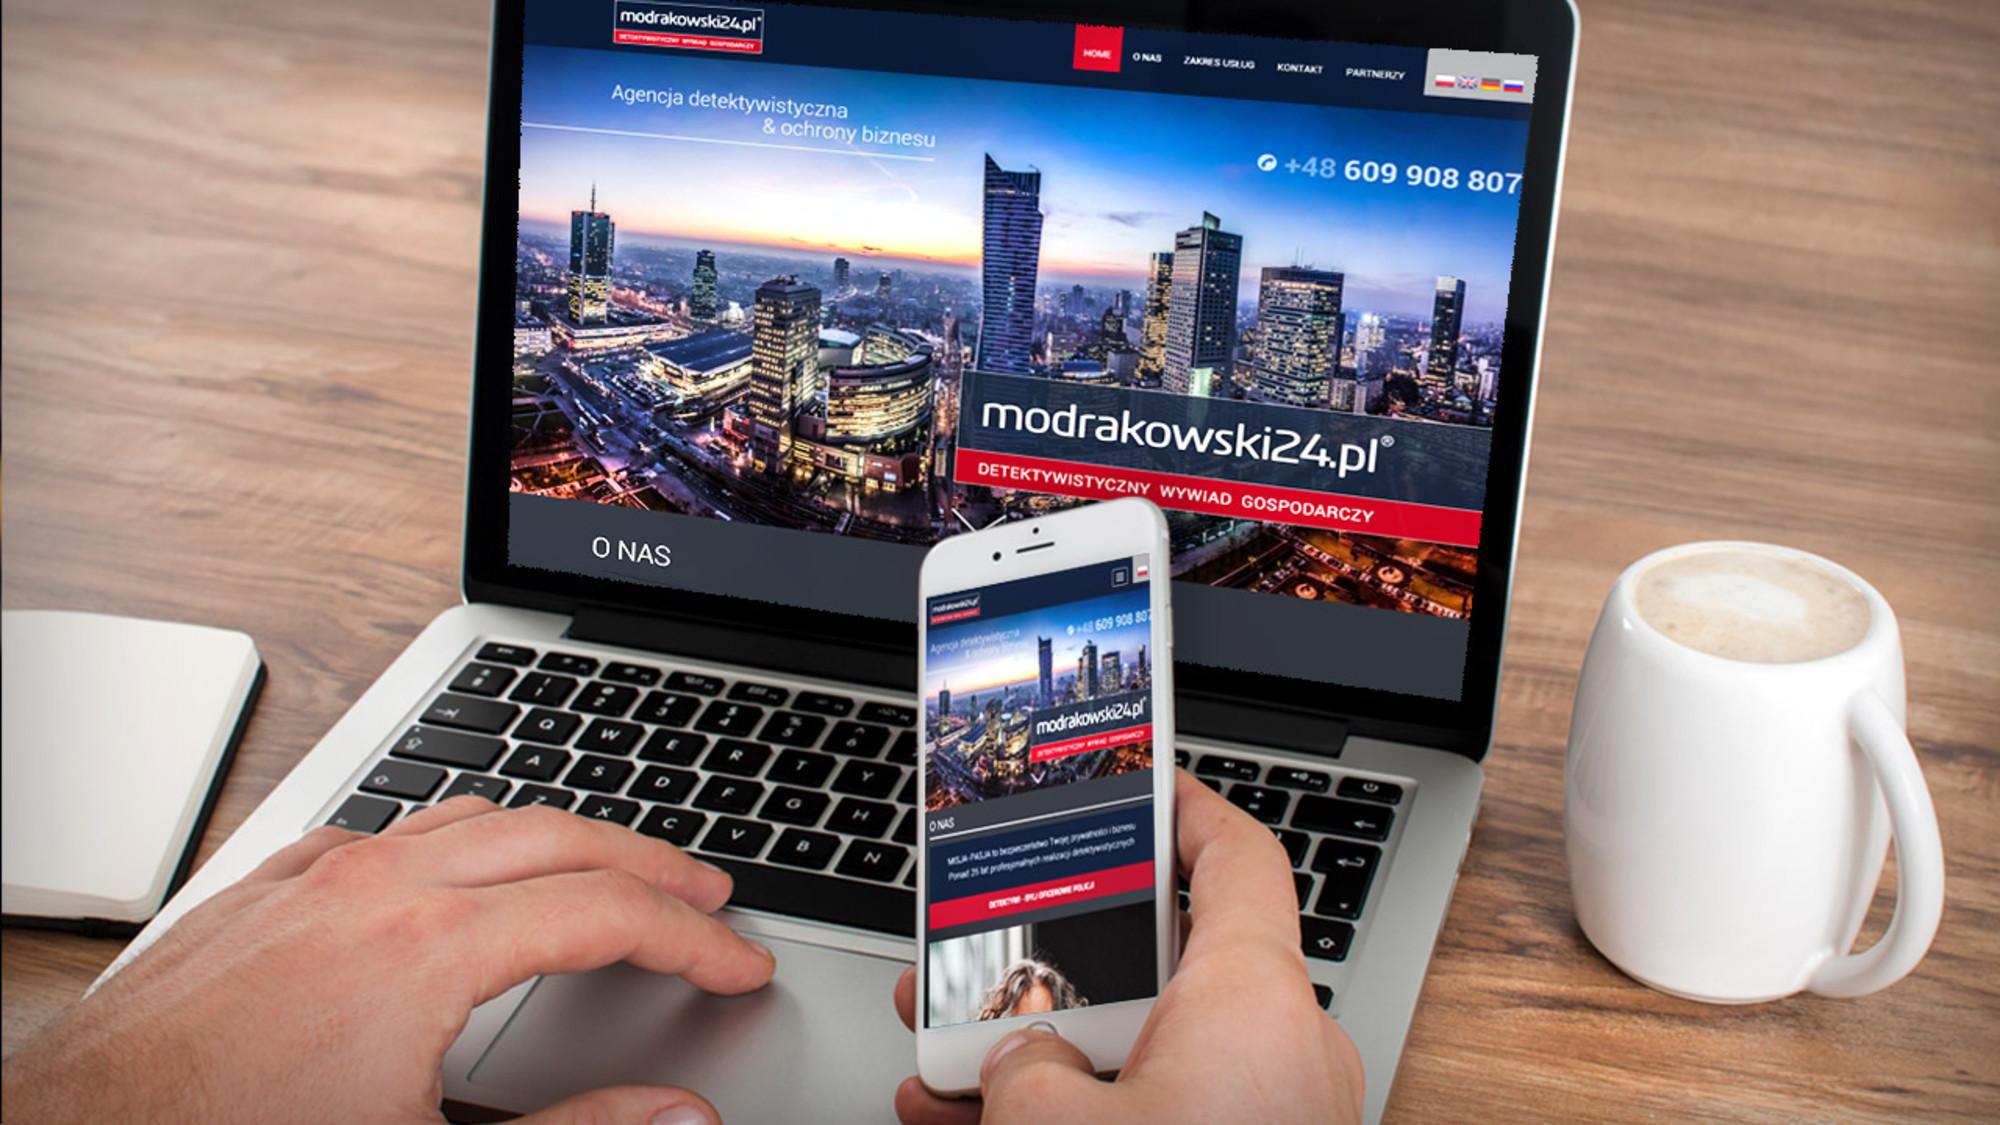 Projektowanie stron Warszawa dla Modrakowski24.pl